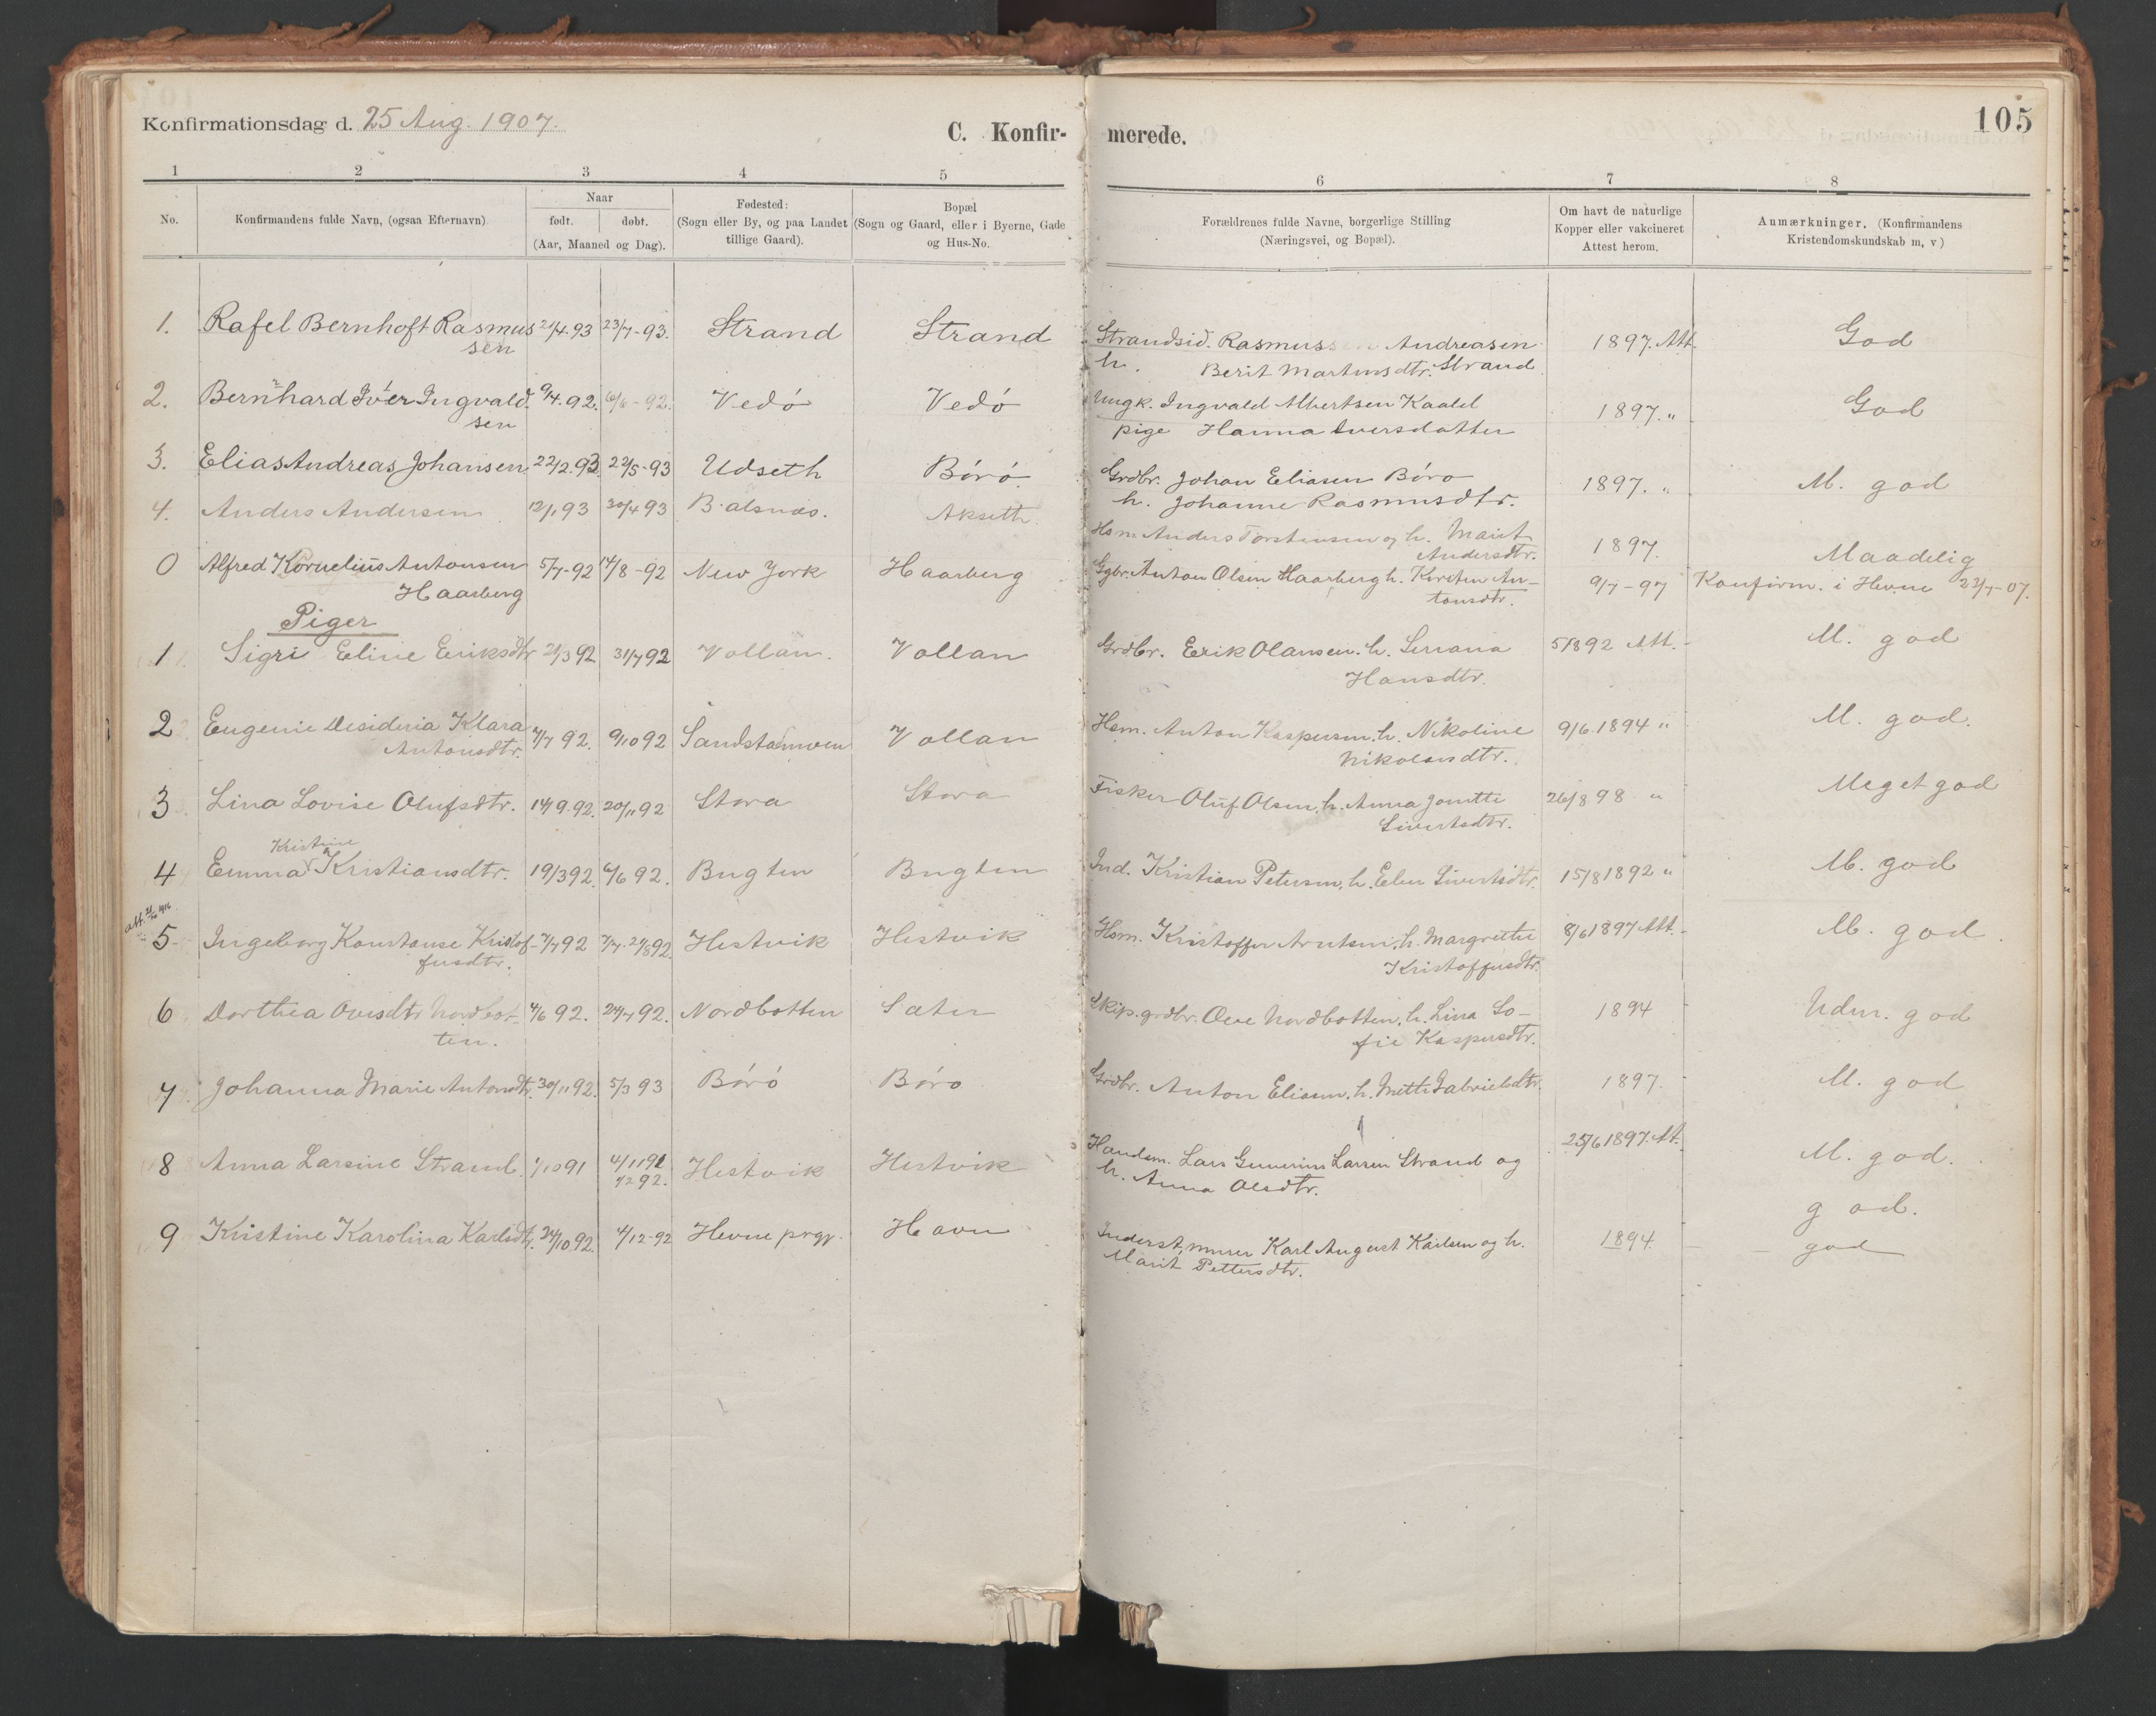 SAT, Ministerialprotokoller, klokkerbøker og fødselsregistre - Sør-Trøndelag, 639/L0572: Ministerialbok nr. 639A01, 1890-1920, s. 105